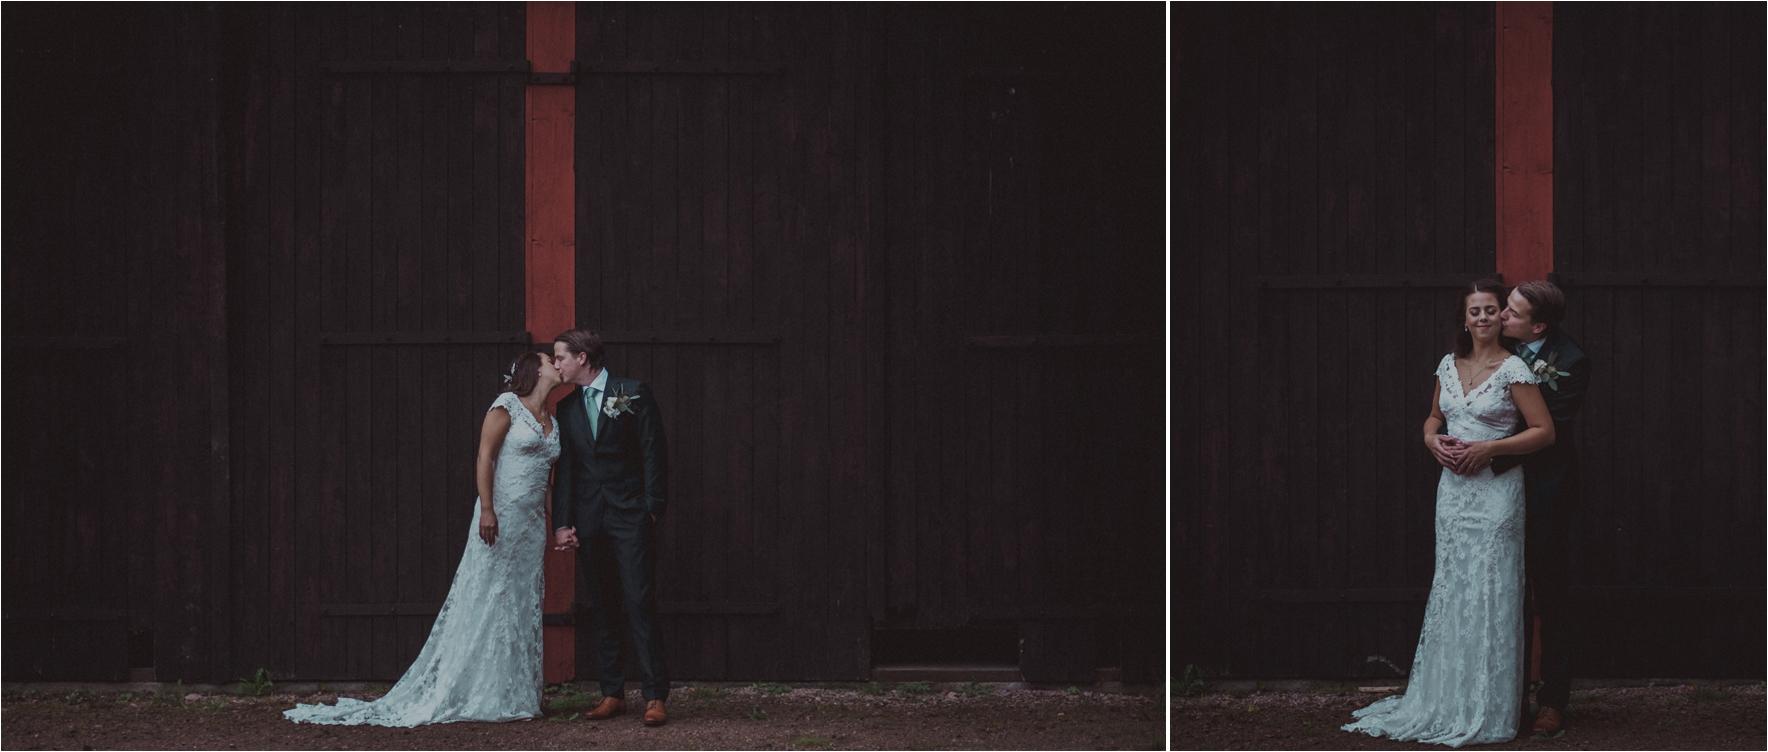 bröllopsfoto_borås_fotograf_max_norin-51.jpg